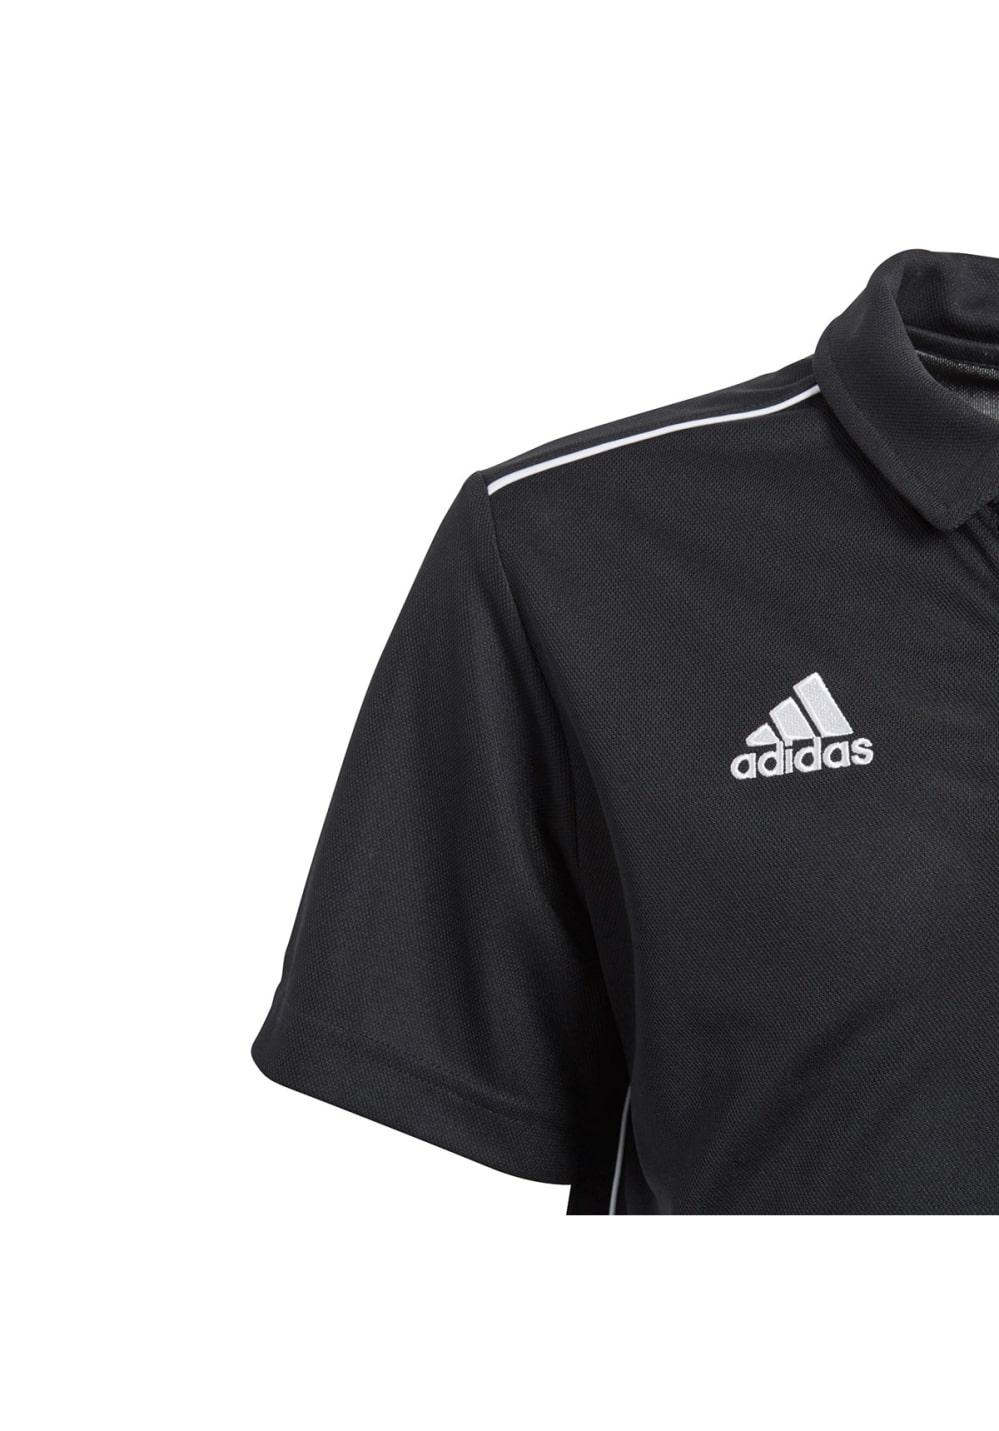 630f7979246b8 adidas Core18 Polo Y - Casual clothing - Black